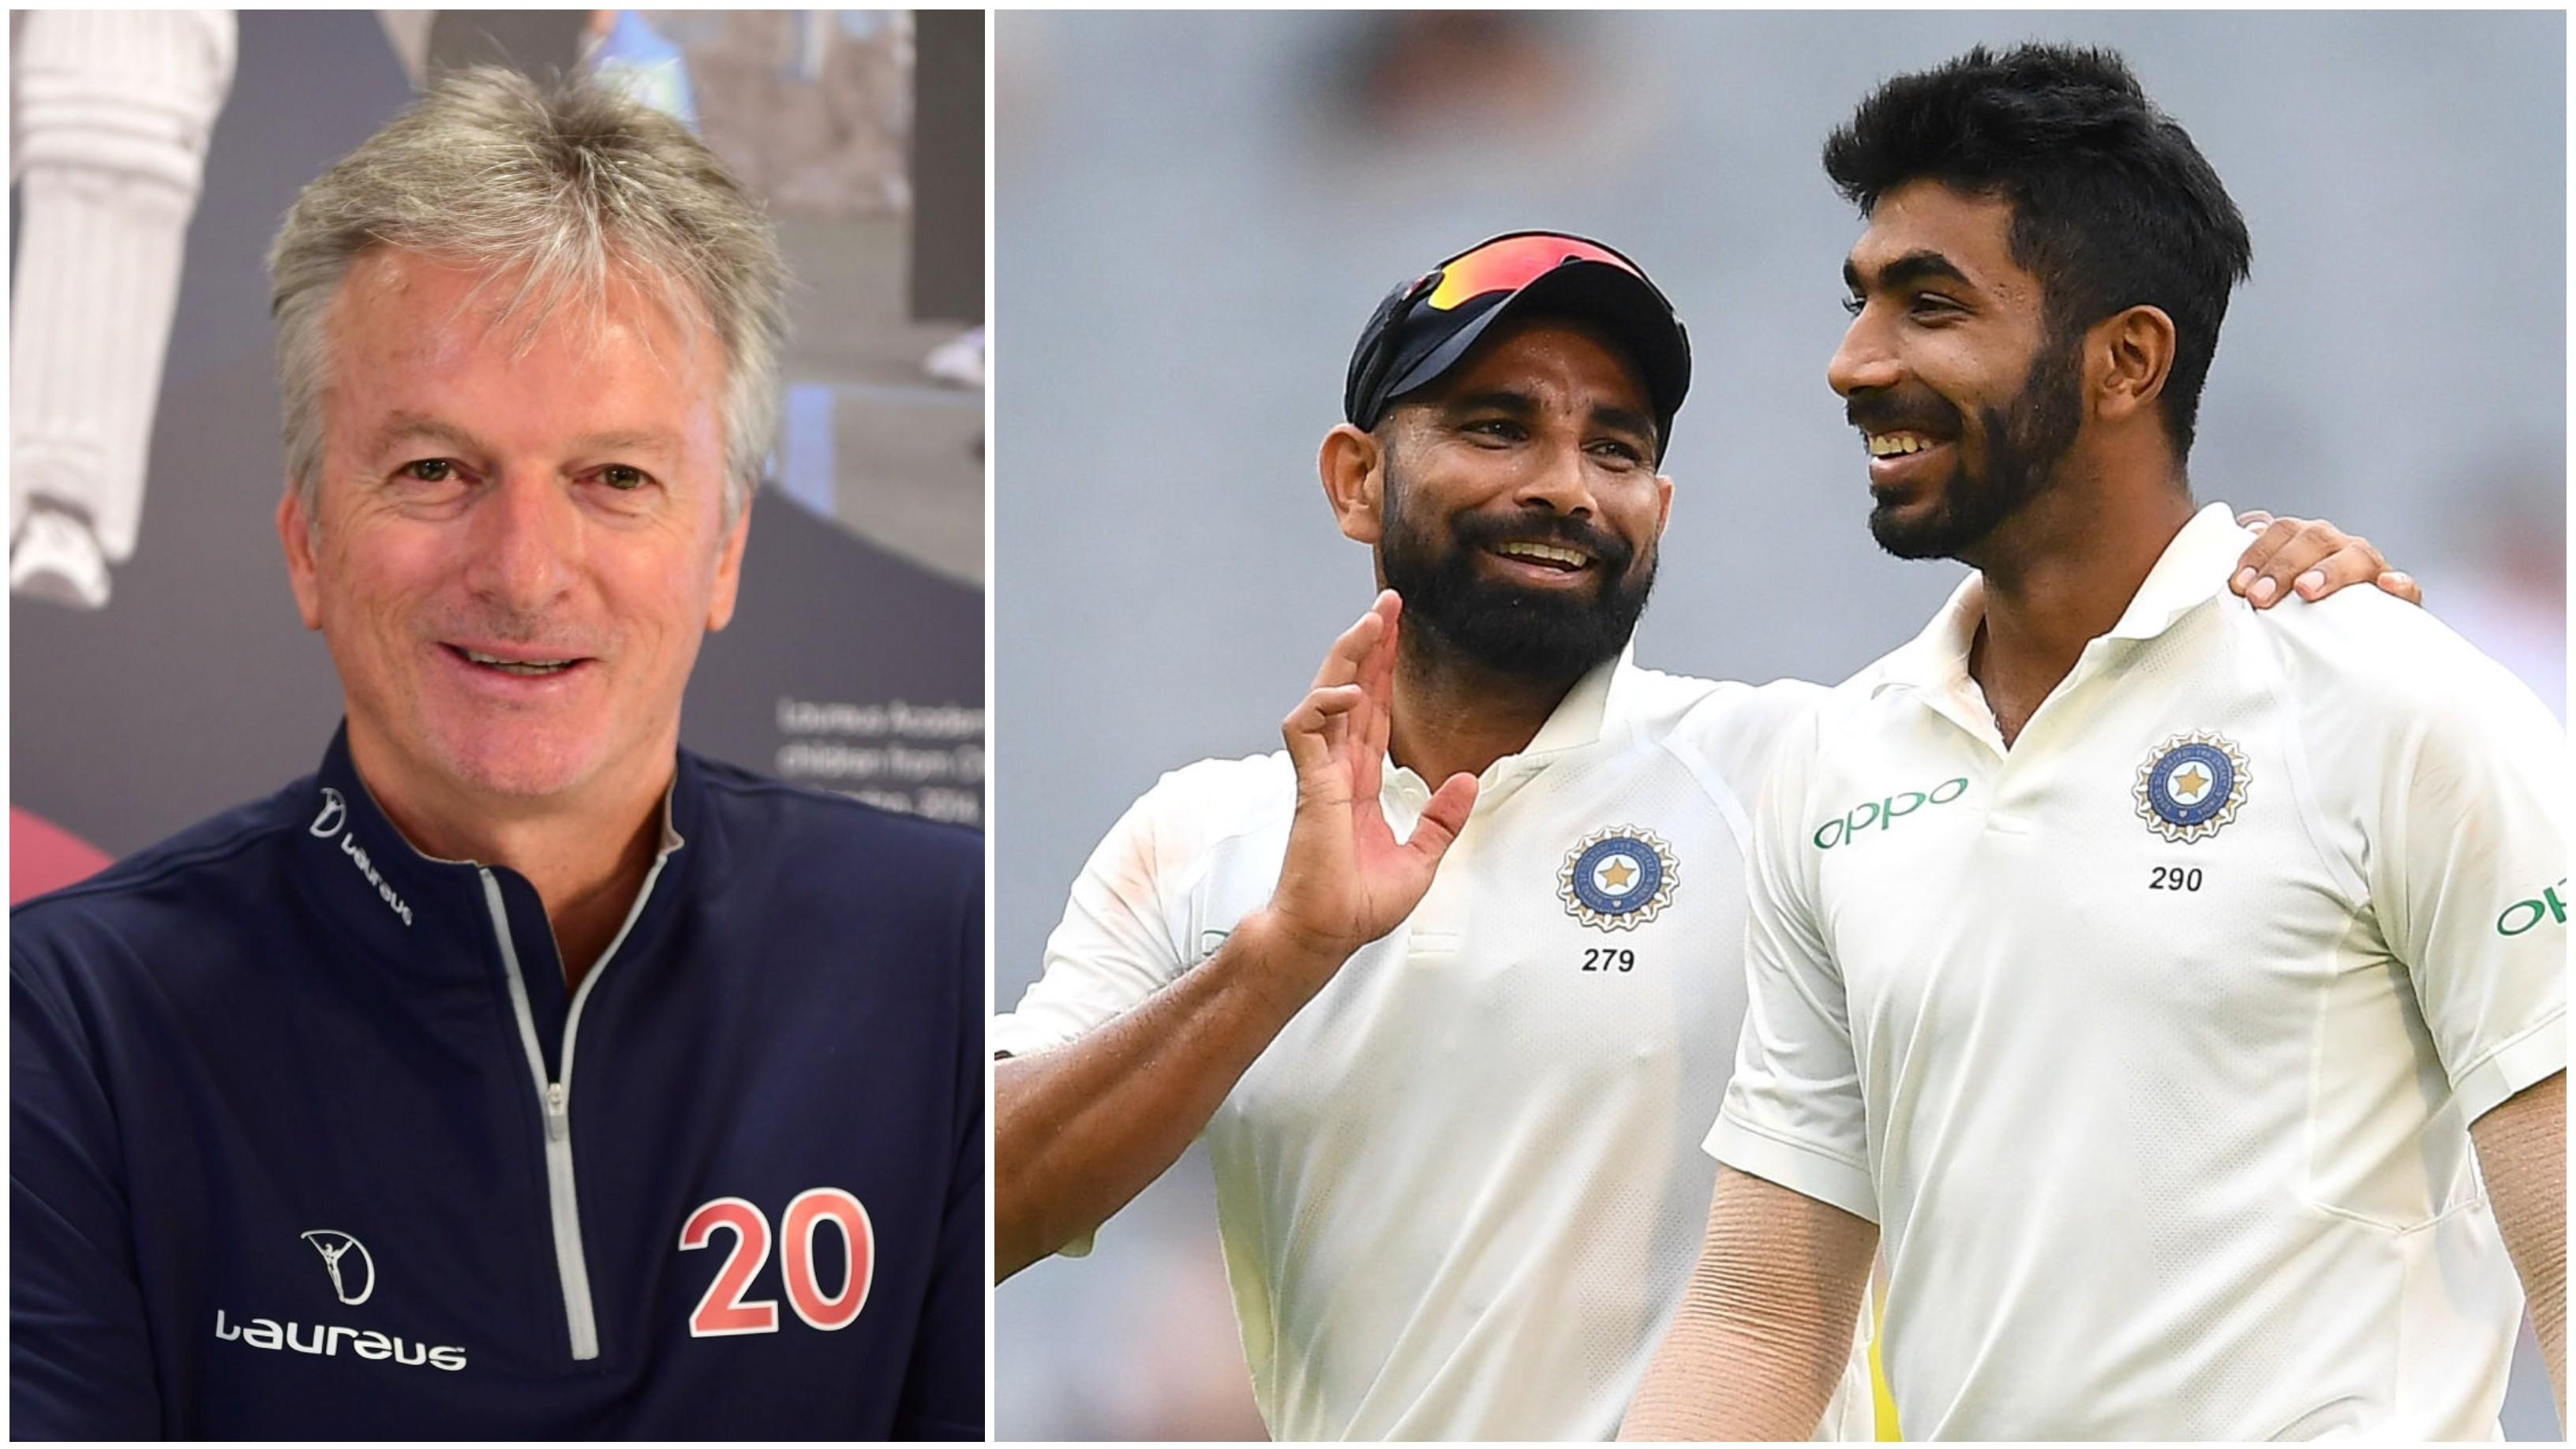 स्टीव वॉ के अनुसार घर में सर्वश्रेष्ठ हैं भारत का तेज गेंदबाजी लाइन-अप